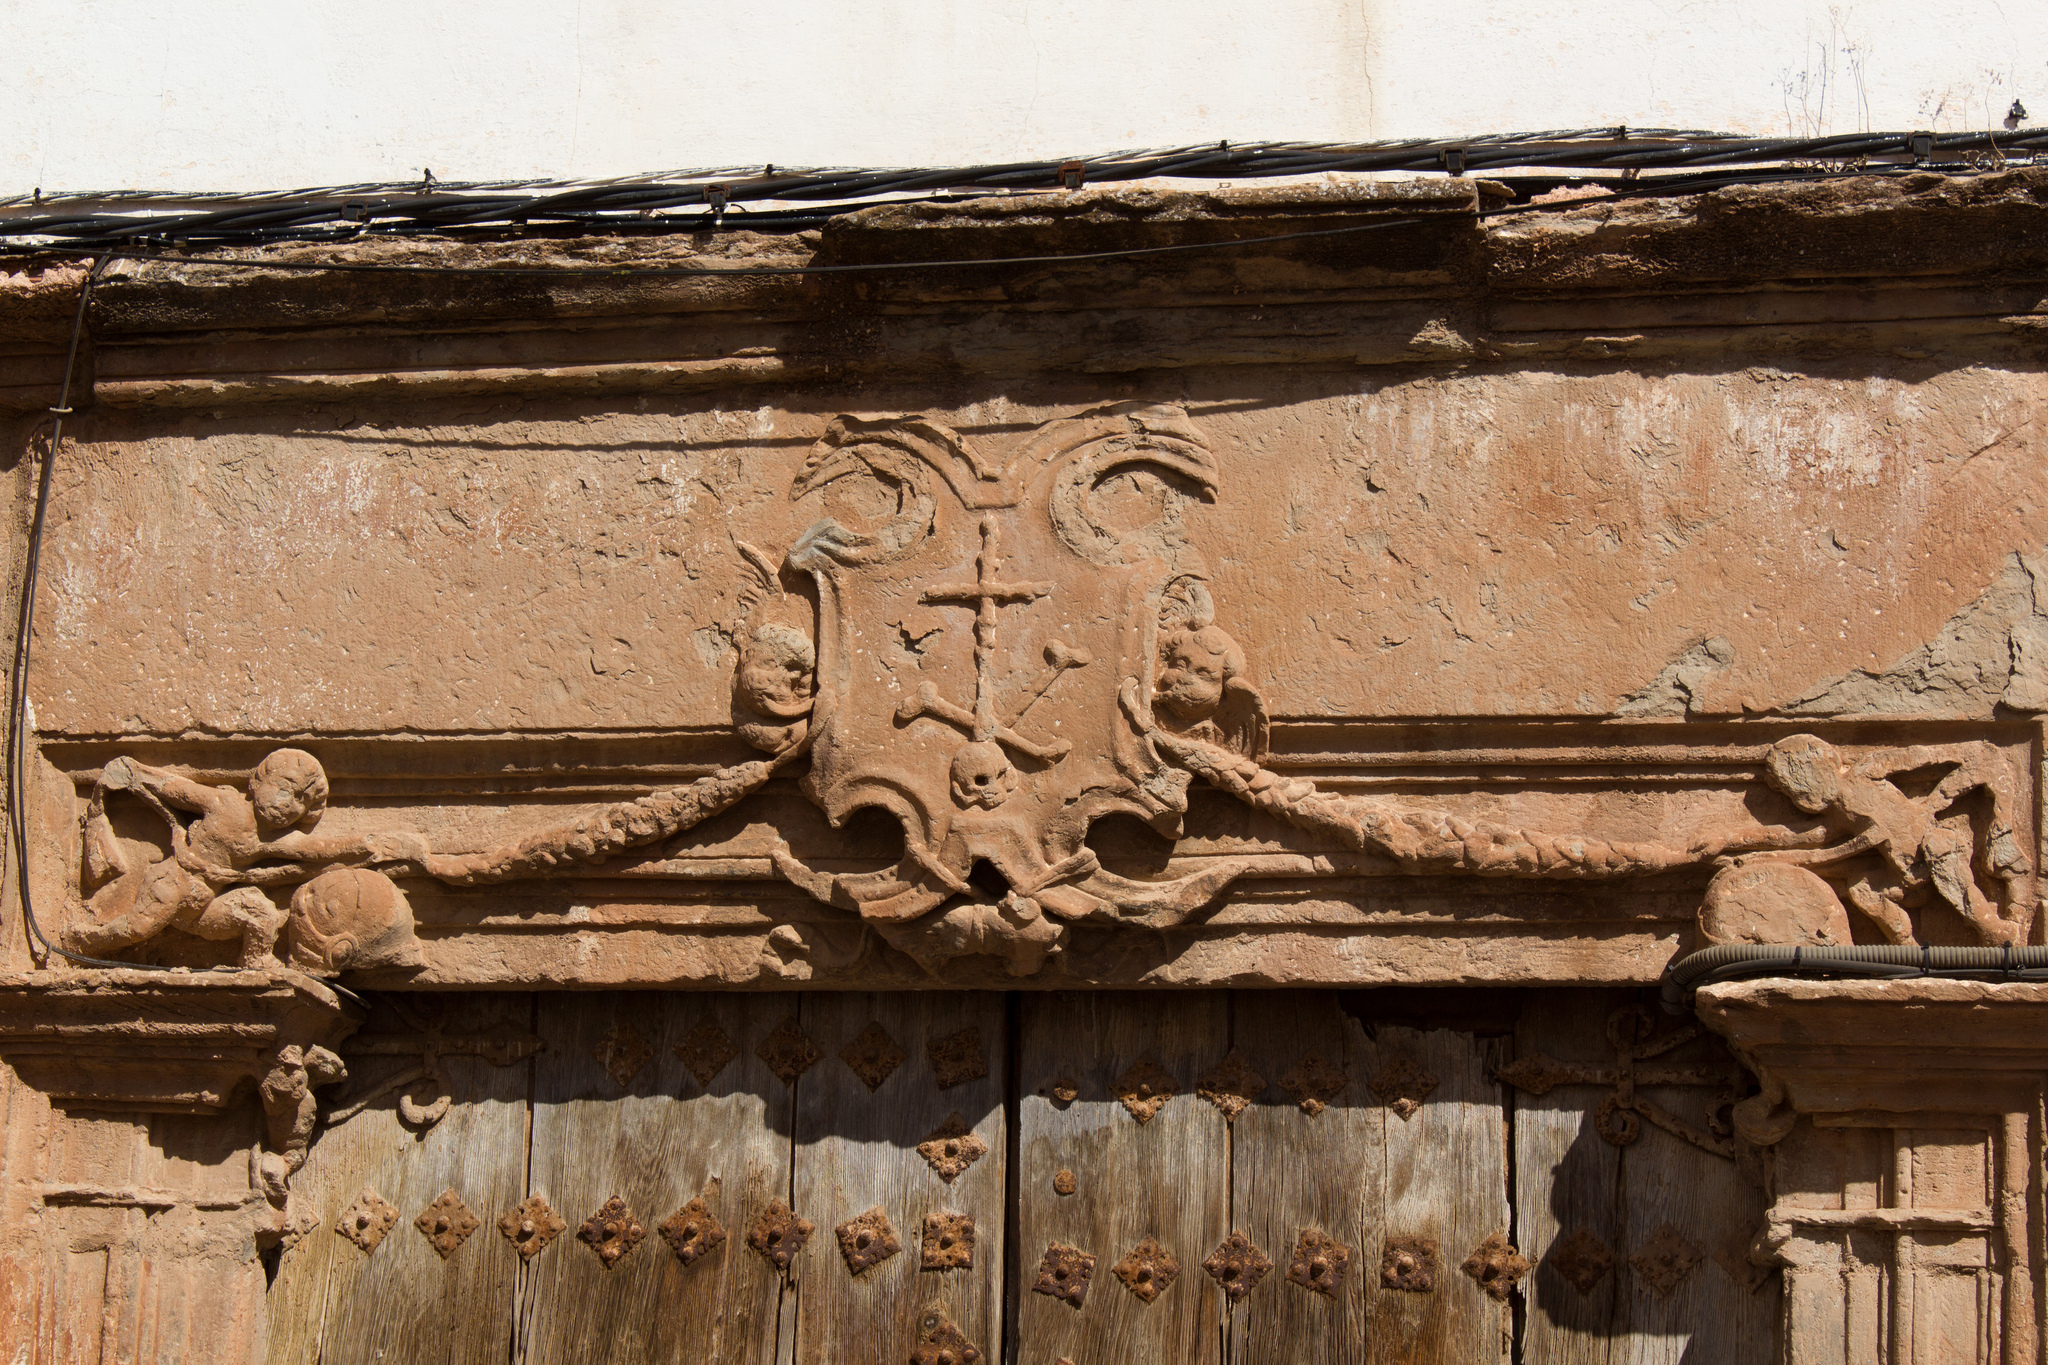 Porte du tribunal de l'Inquisition Villanueva de los Infantes (Espagne), photo de Rafa sur Flickr, 2012. https://www.flickr.com/photos/61305266@N02/